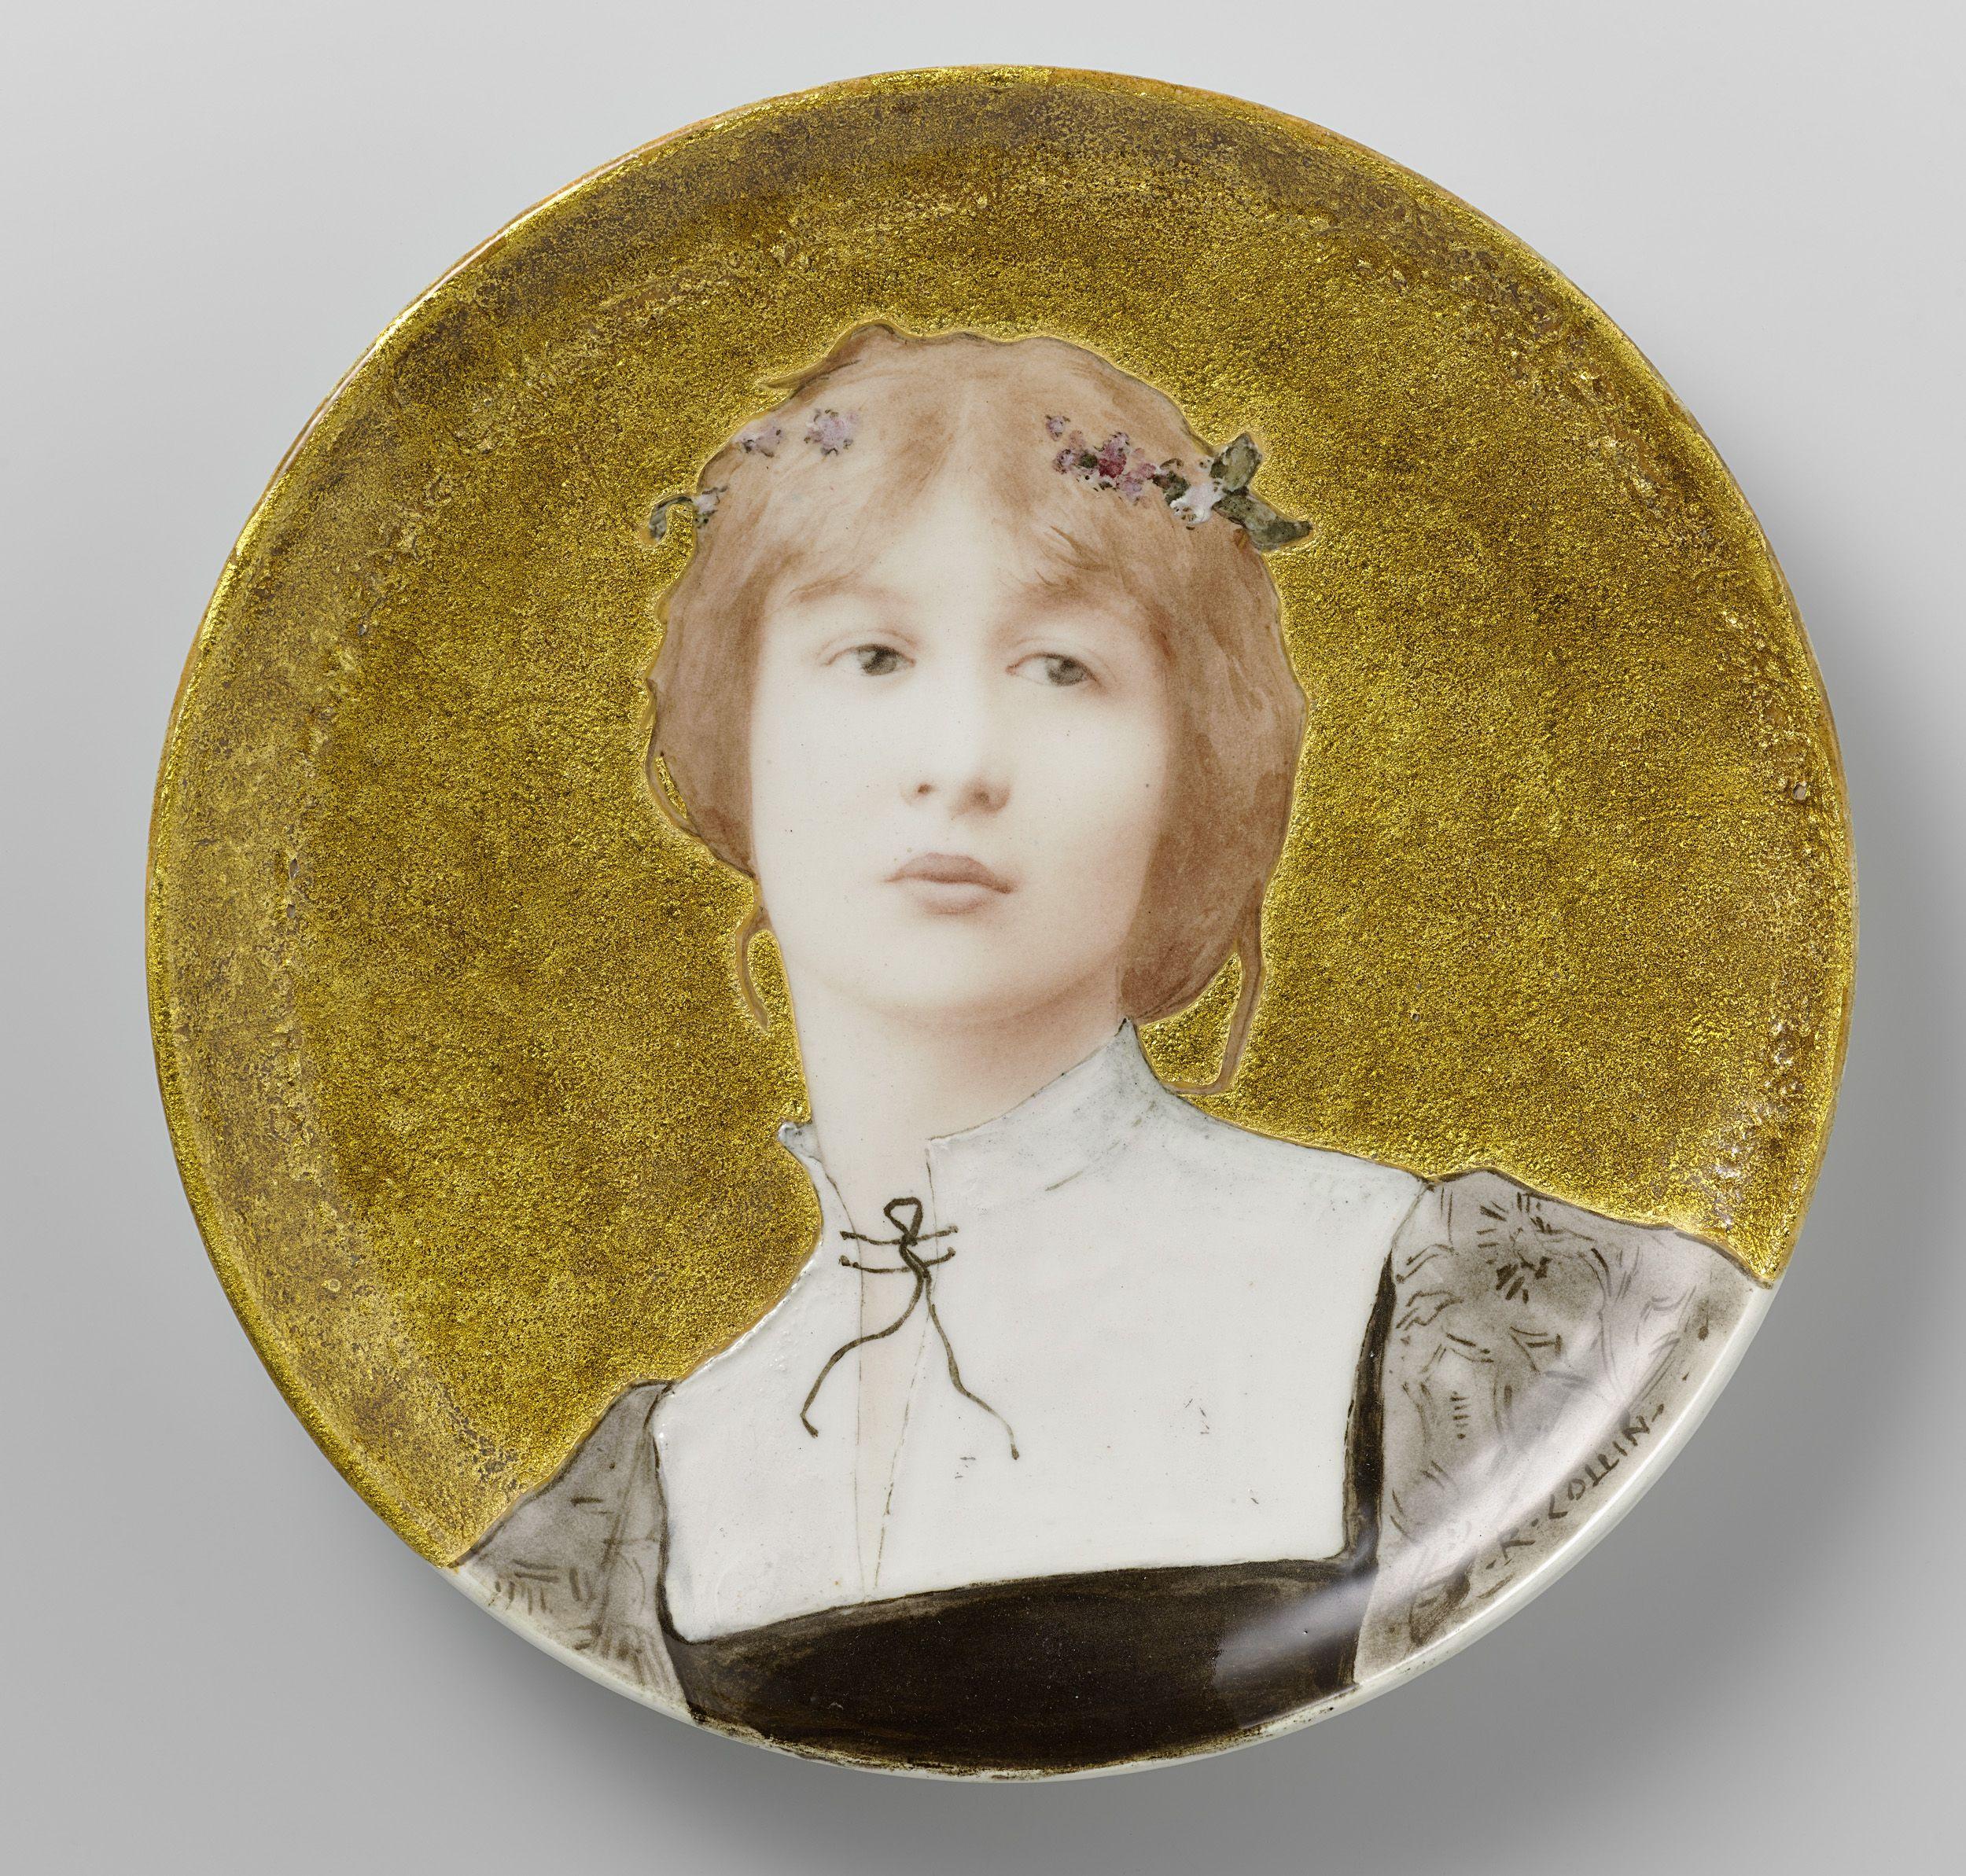 Decorative plate | Théodore Deck | c.1878 - c.1885 | Rijksmuseum ...